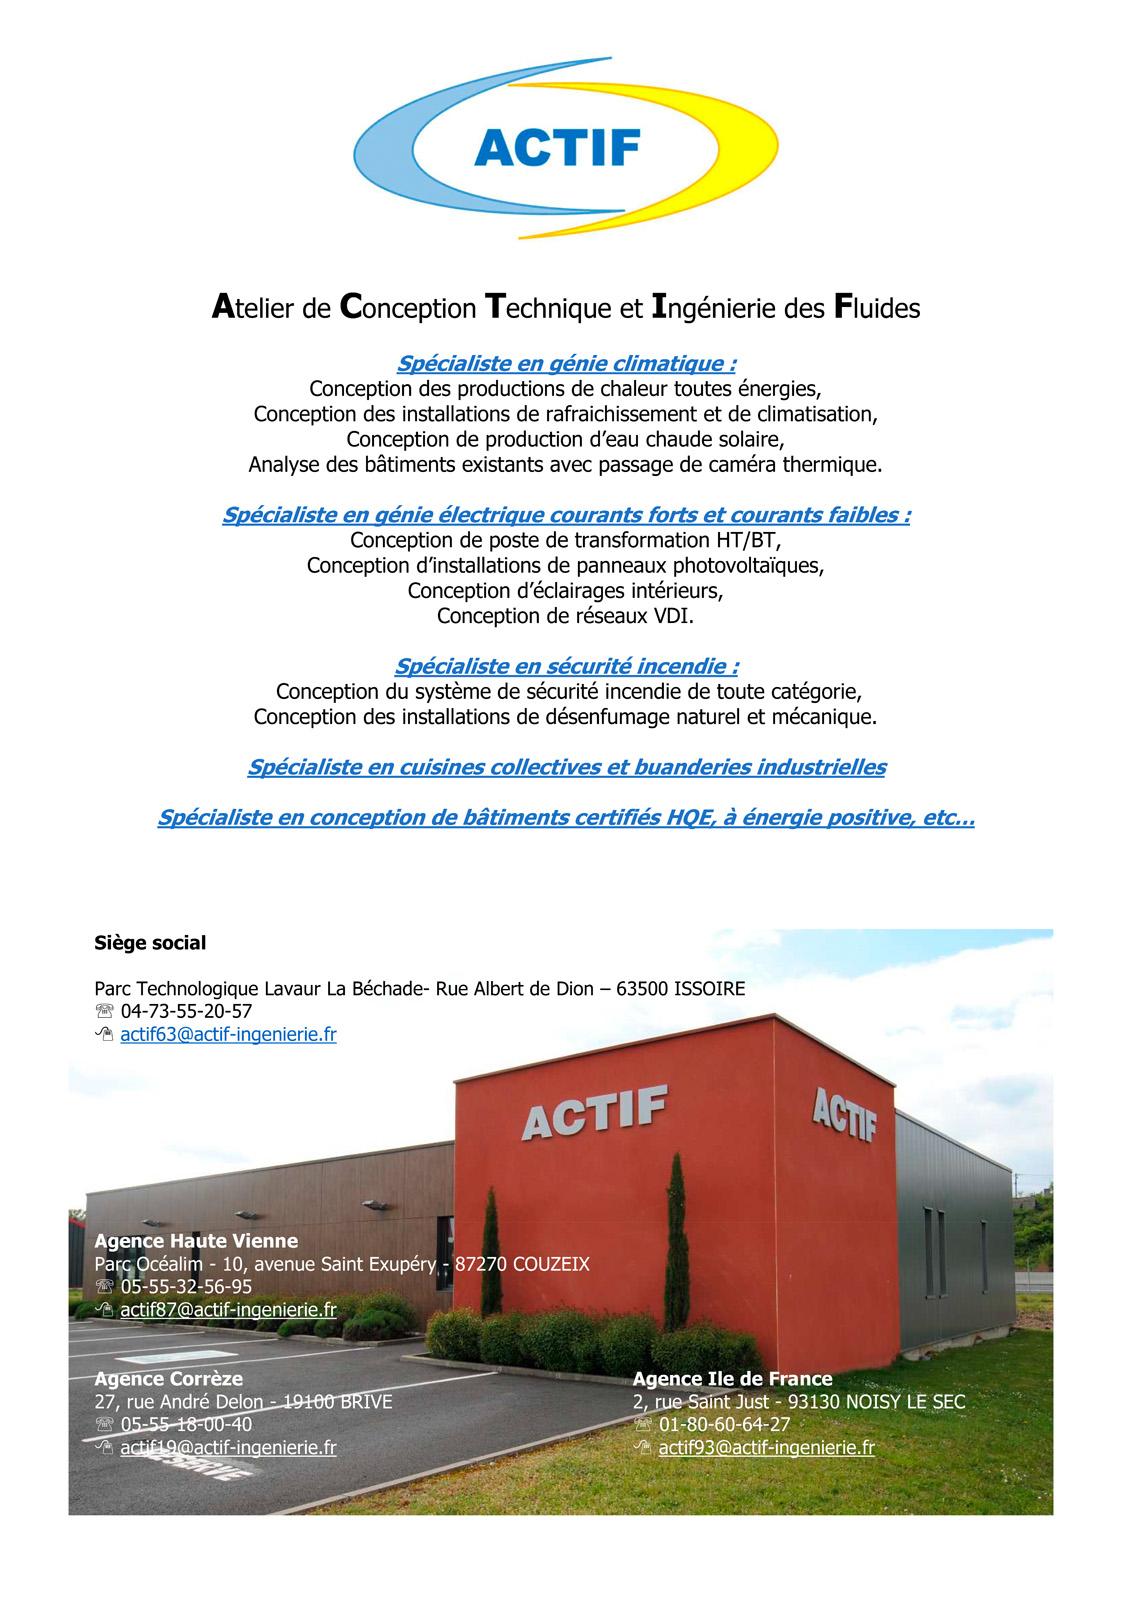 logo Actif Ingénierie